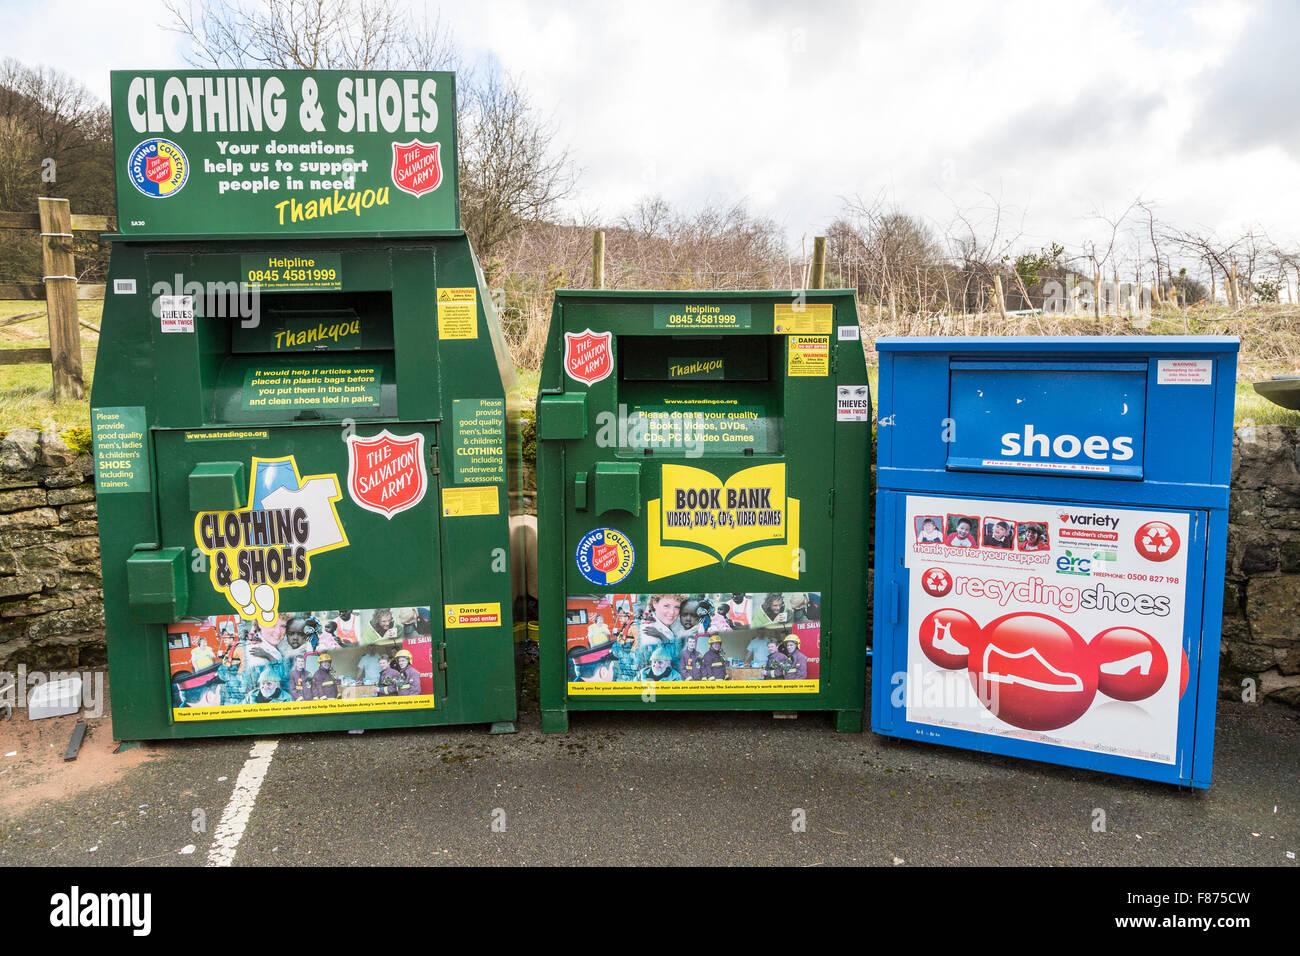 Centro de Reciclaje de aparcamiento, Eyam, REINO UNIDO Imagen De Stock